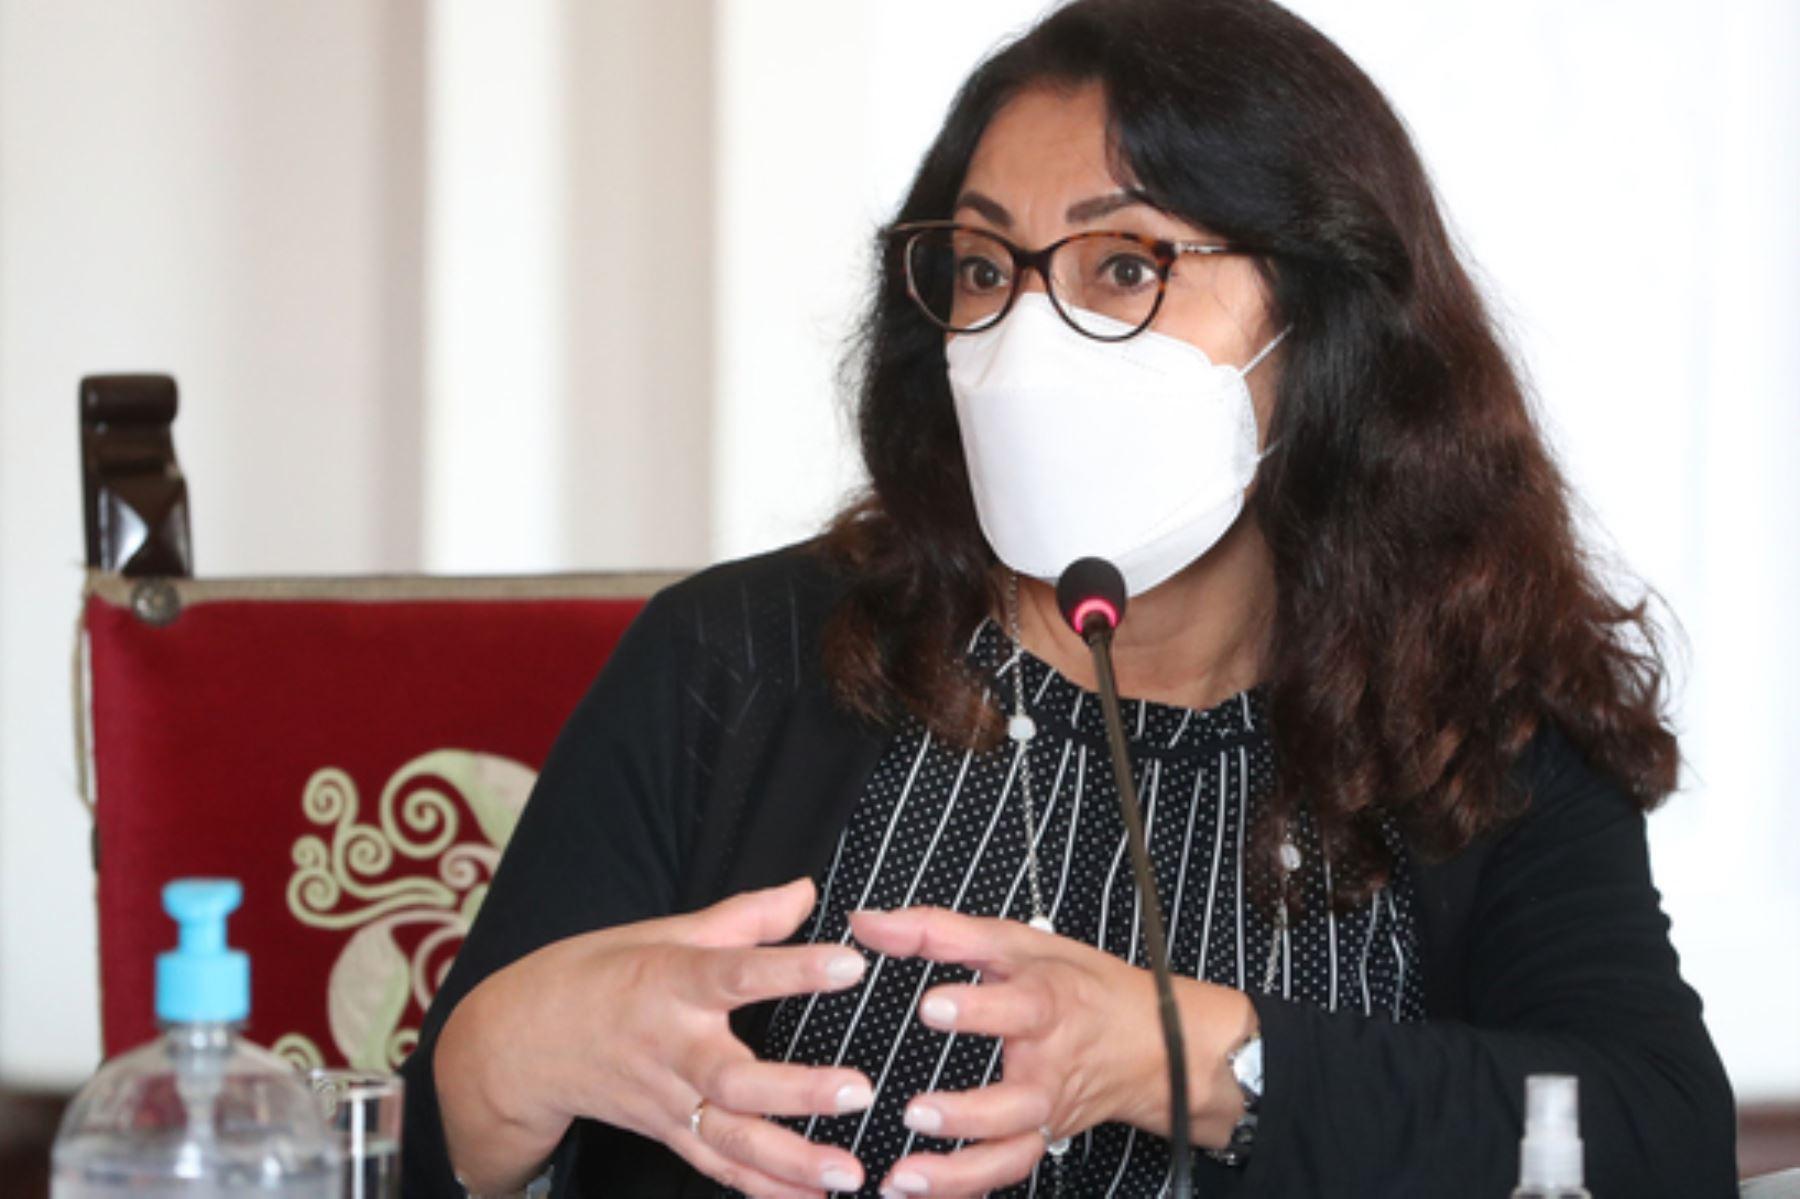 Presidenta del Consejo de Ministros, Violeta Bermúdez participa en la instalación del grupo de trabajo técnico que propondrá criterios para actualizar cifras de fallecidos por la covid-19. Foto: PCM